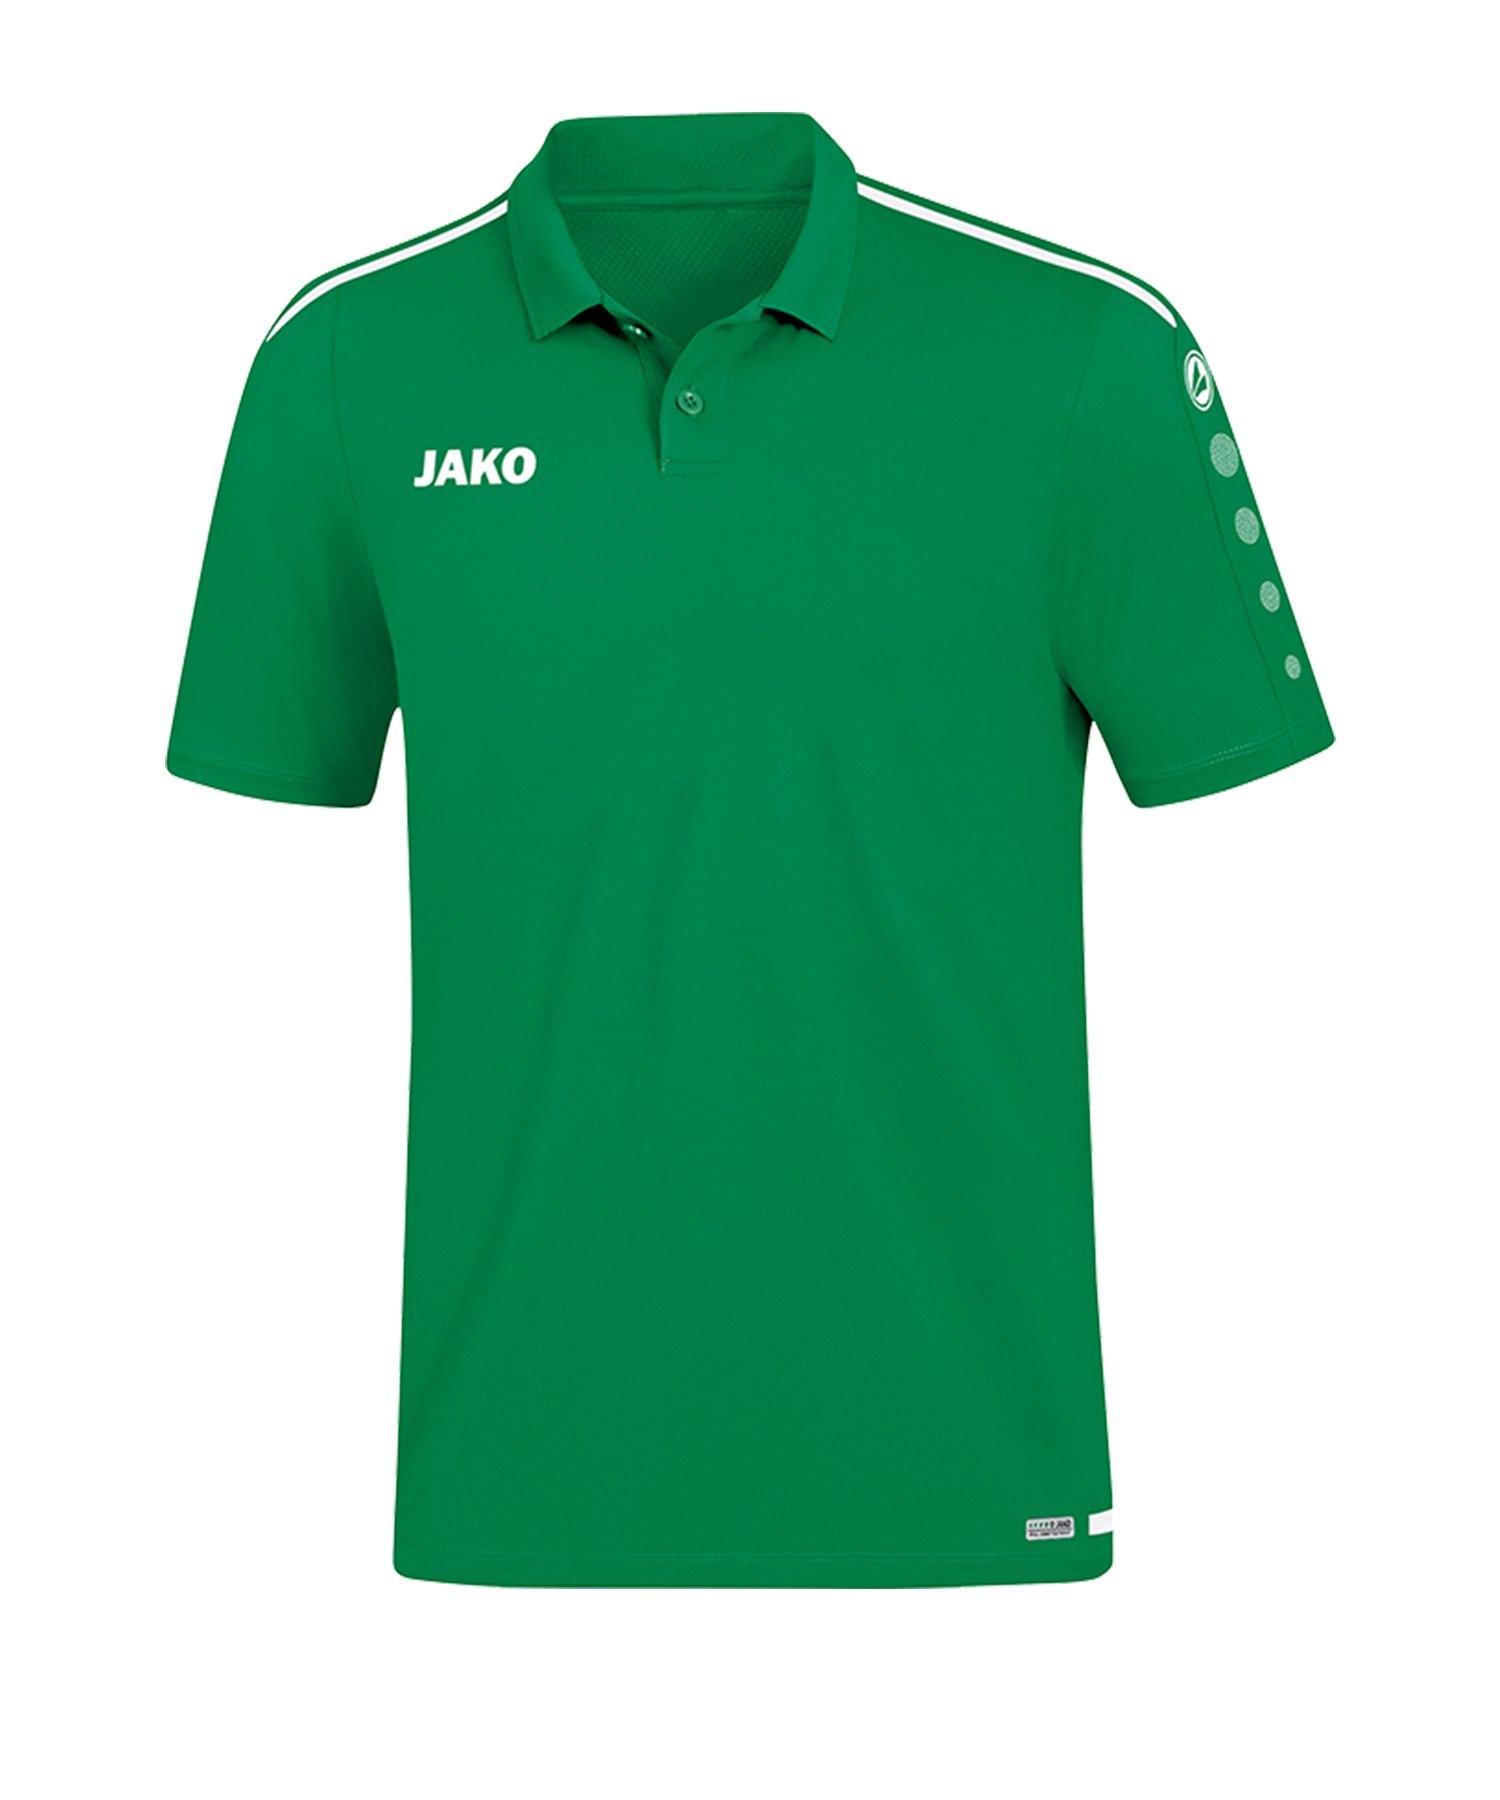 Jako Striker 2.0 Poloshirt Grün Weiss F06 - Gruen